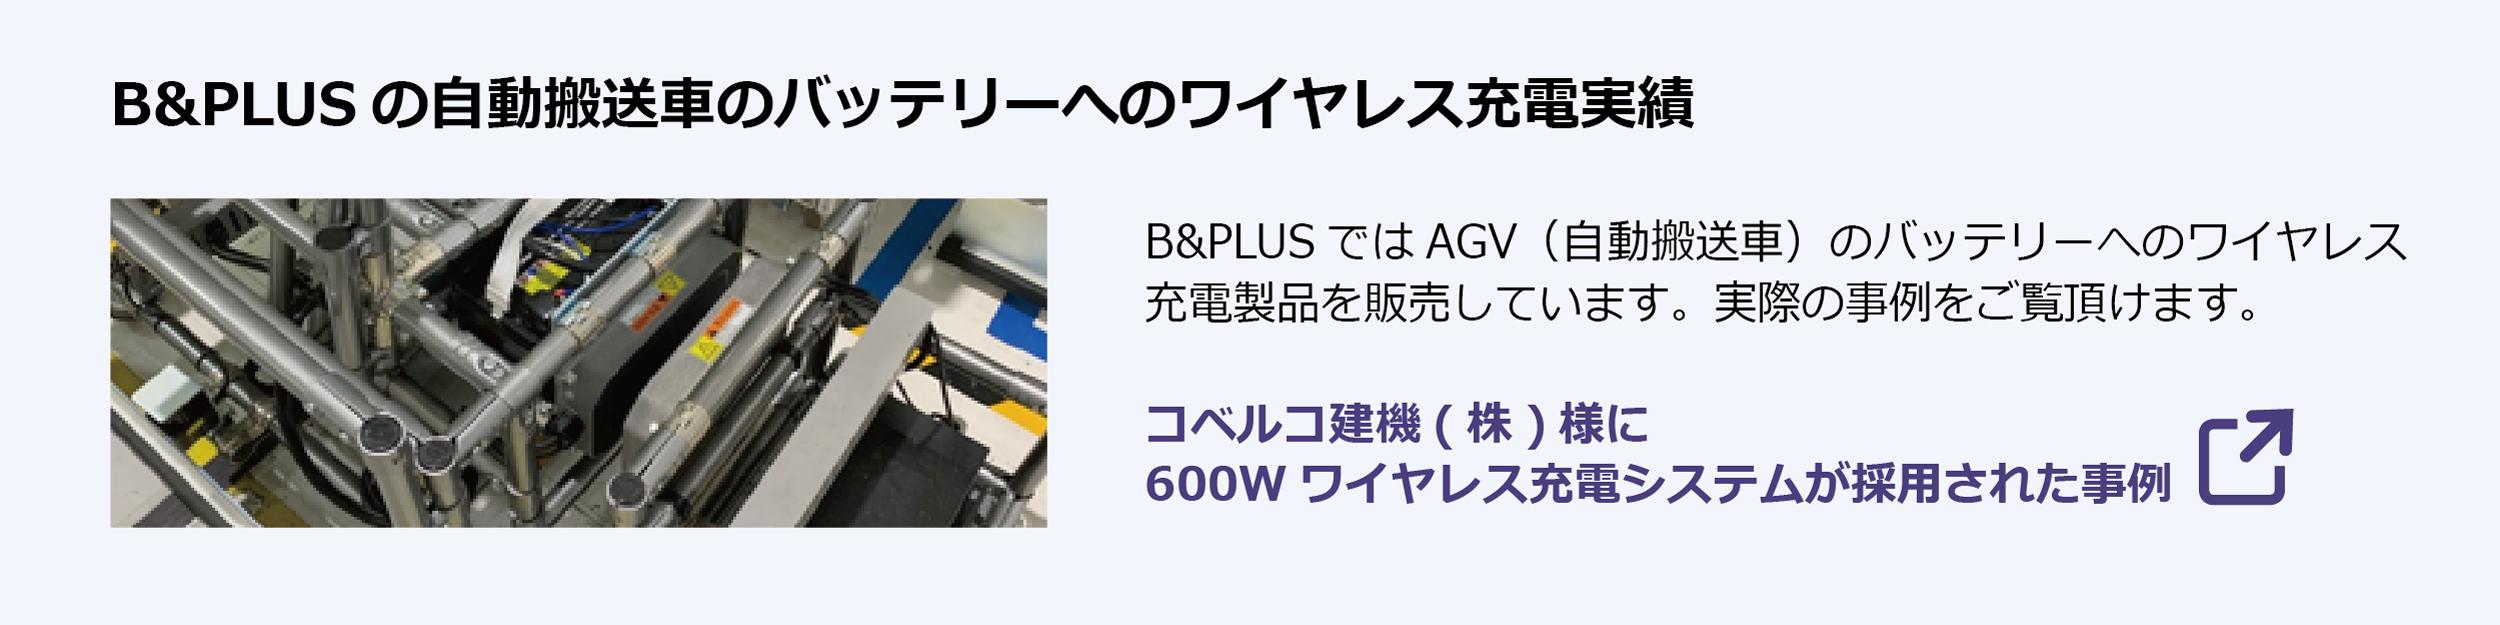 B&PLUSの自動搬送車のバッテリーへのワイヤレス充電実績